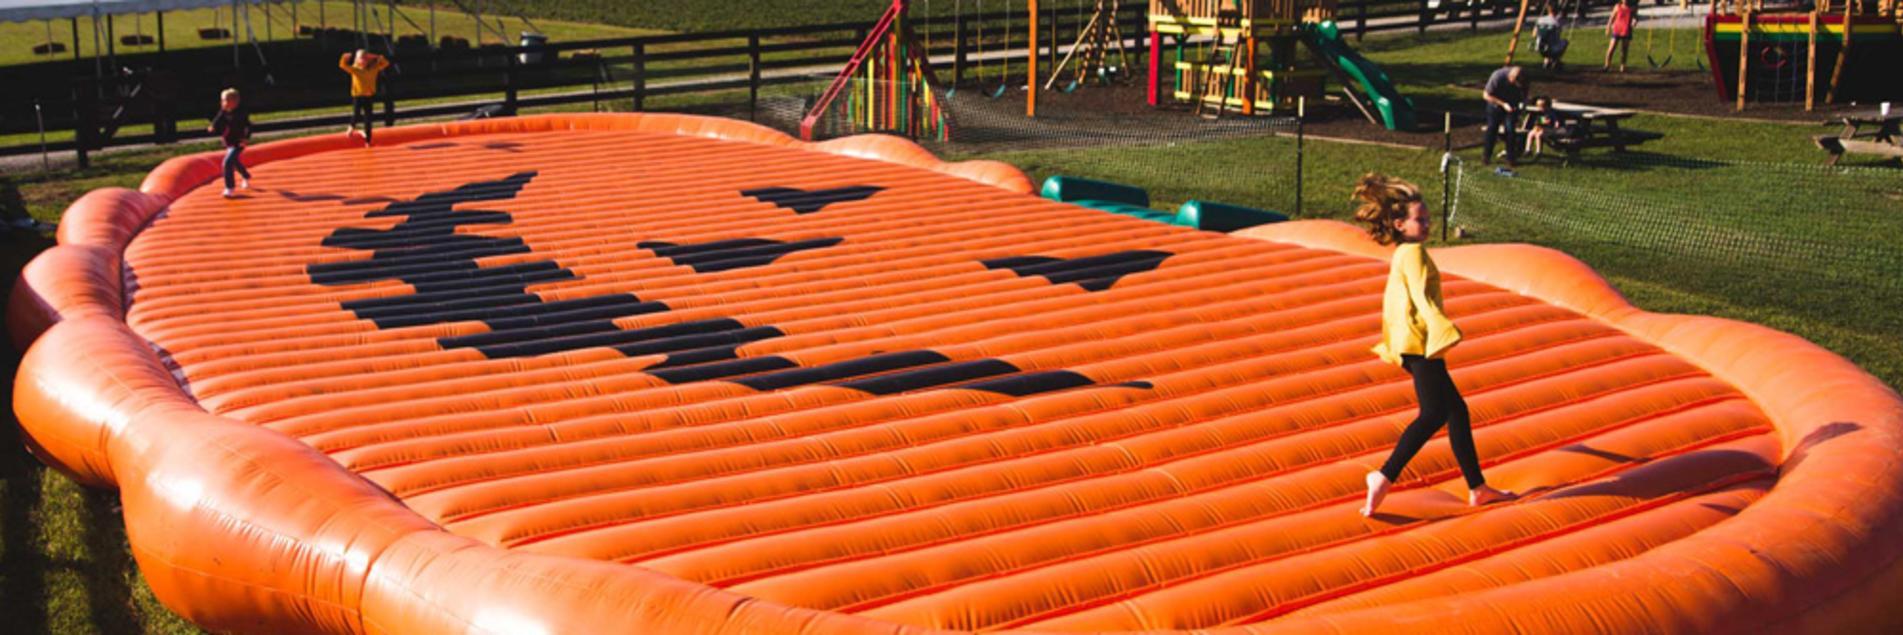 Eckert's Fall Playground